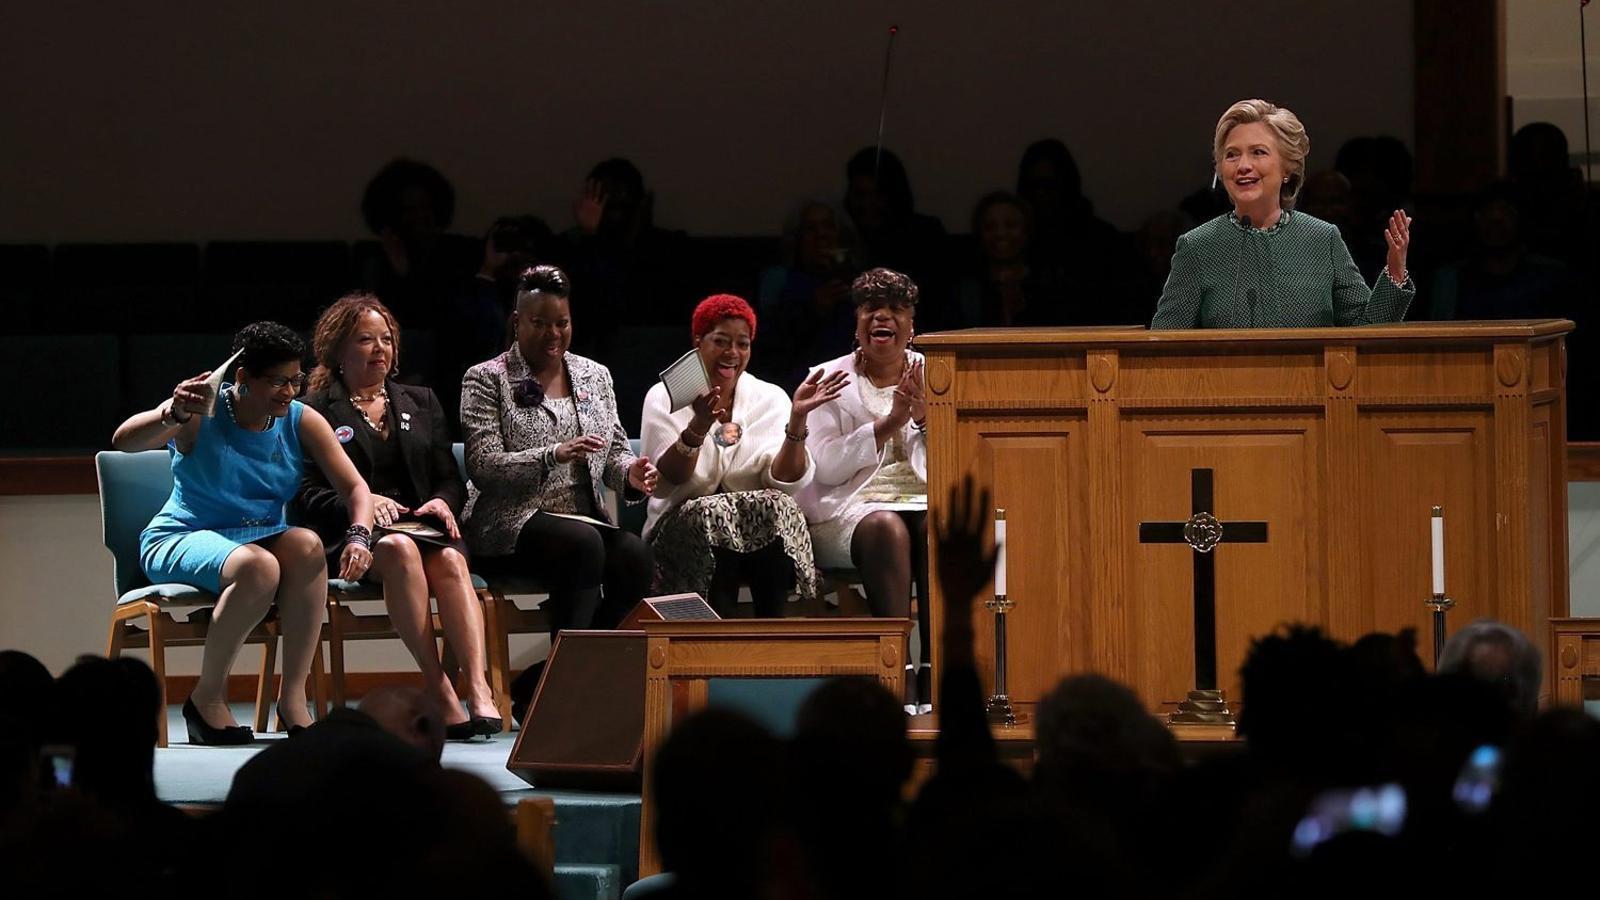 Clinton animant els feligresos d'una església a votar com més aviat millor, ahir a Durham.